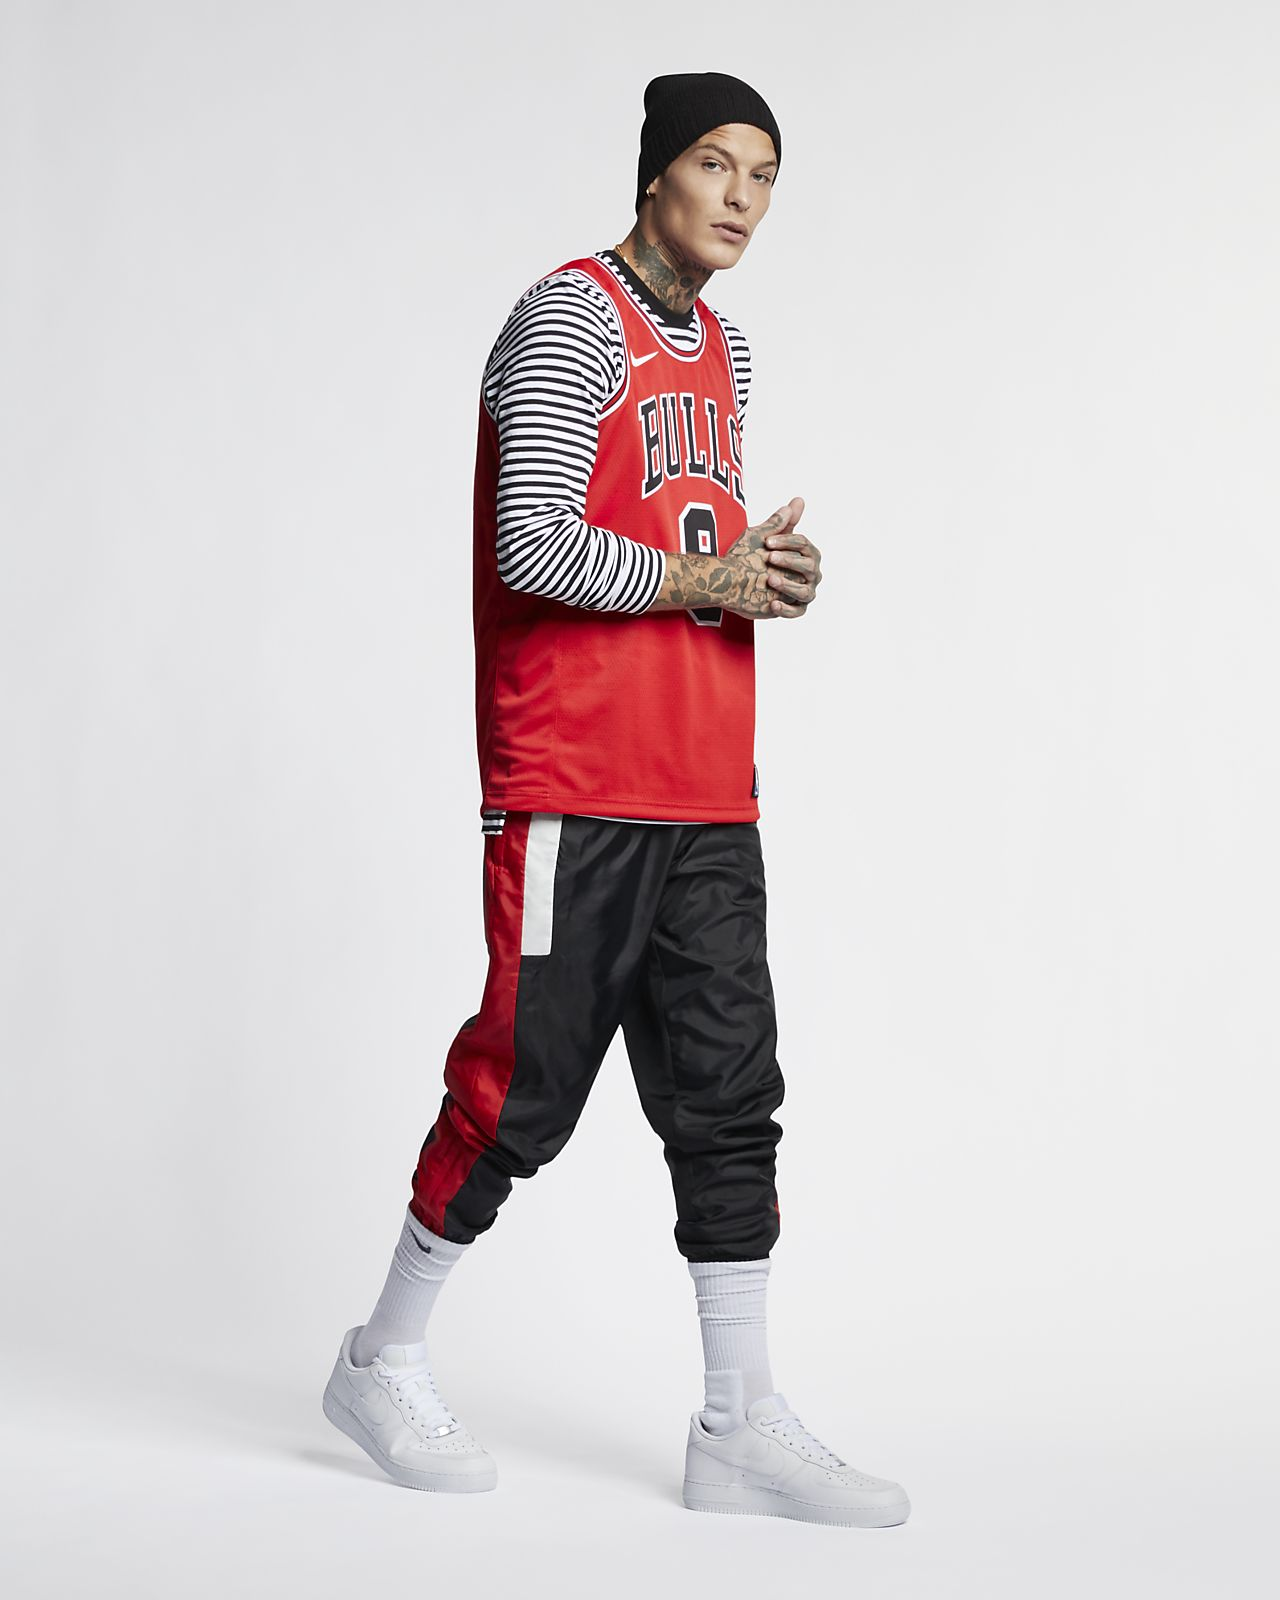 เสื้อแข่ง Nike NBA Swingman ผู้ชาย Zach LaVine Bulls Icon Edition